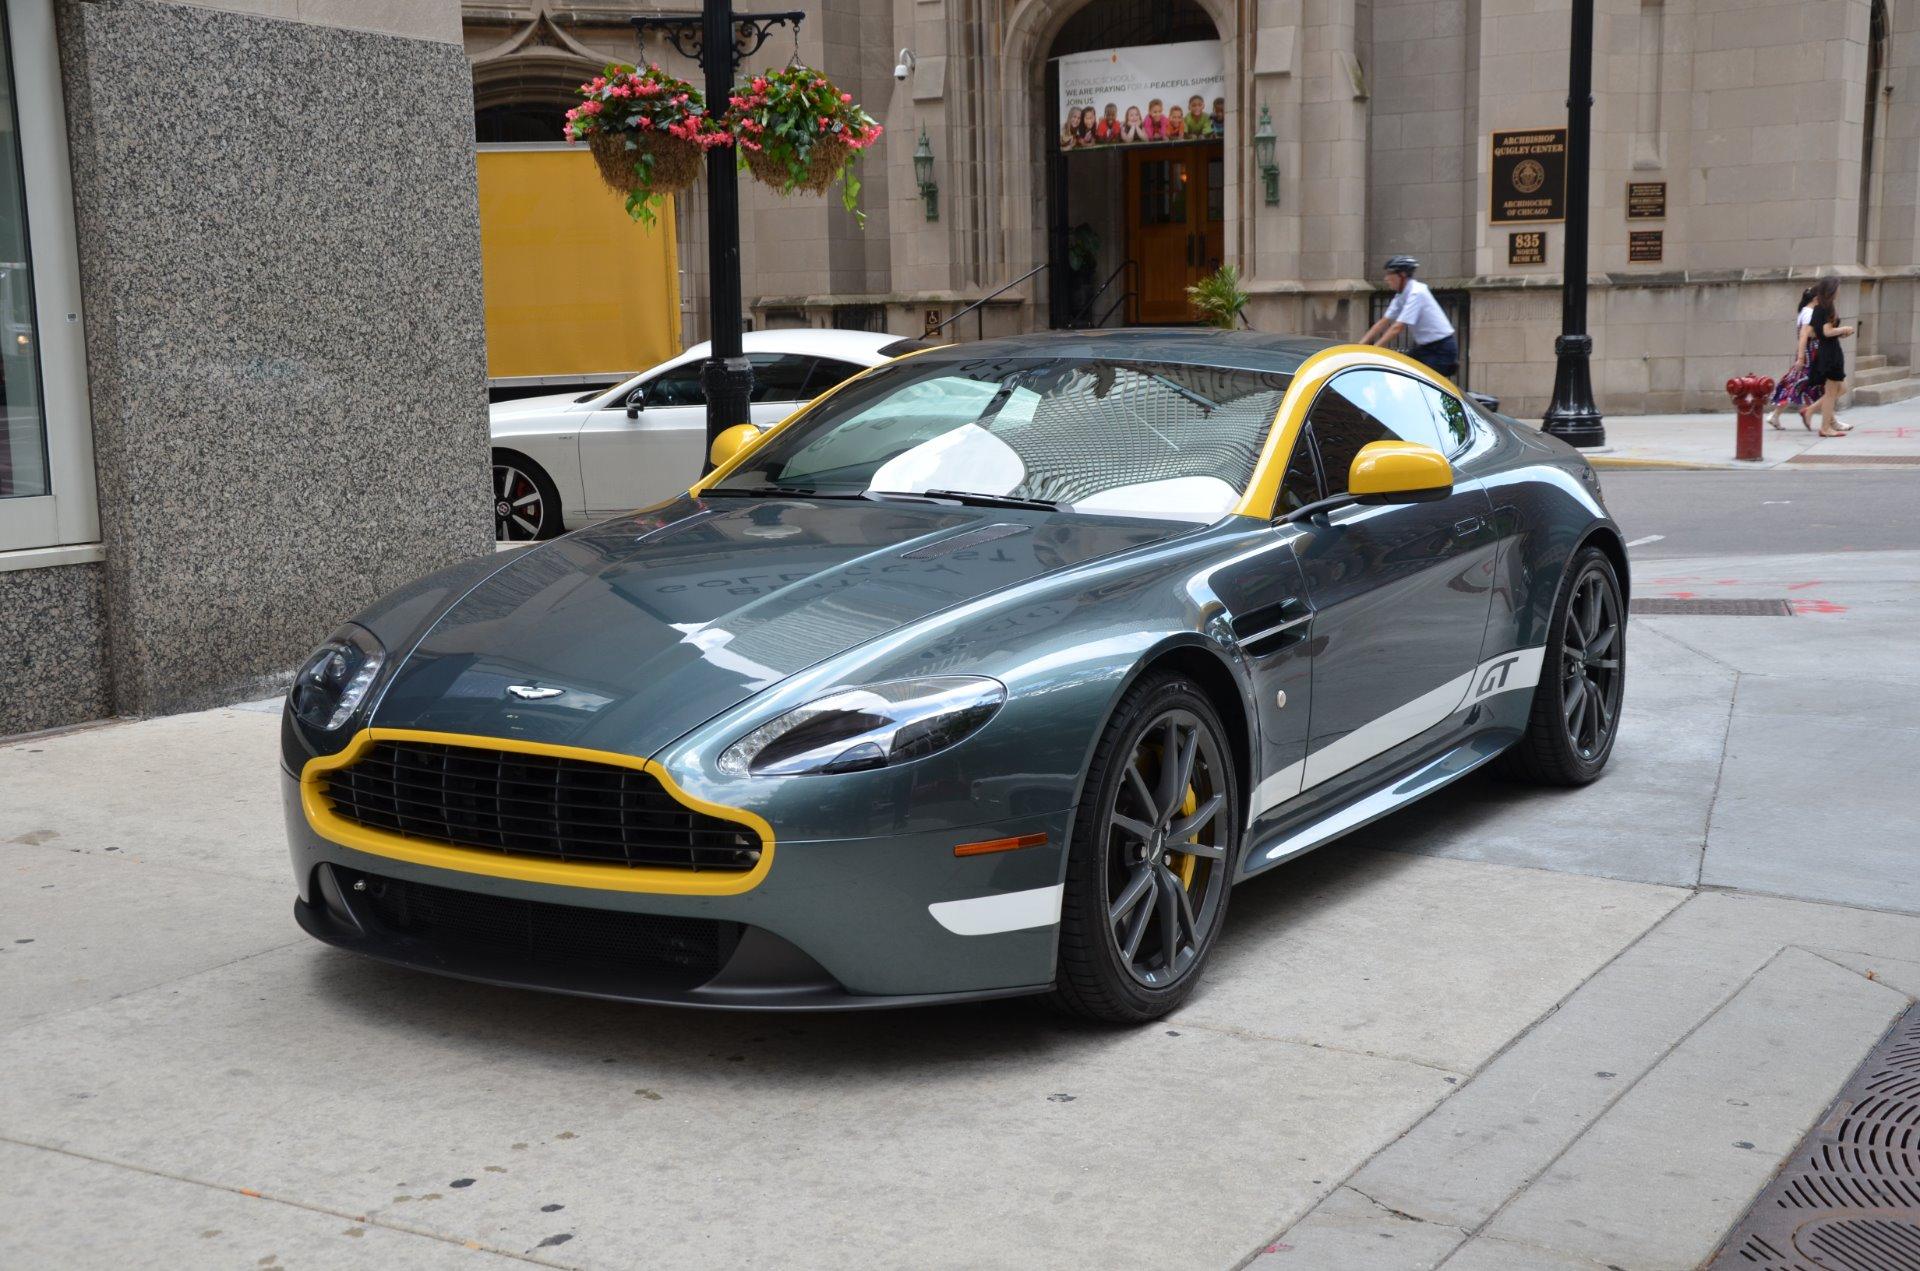 2015 Aston Martin V8 Vantage Gt Stock L275caac For Sale Near Chicago Il Il Aston Martin Dealer